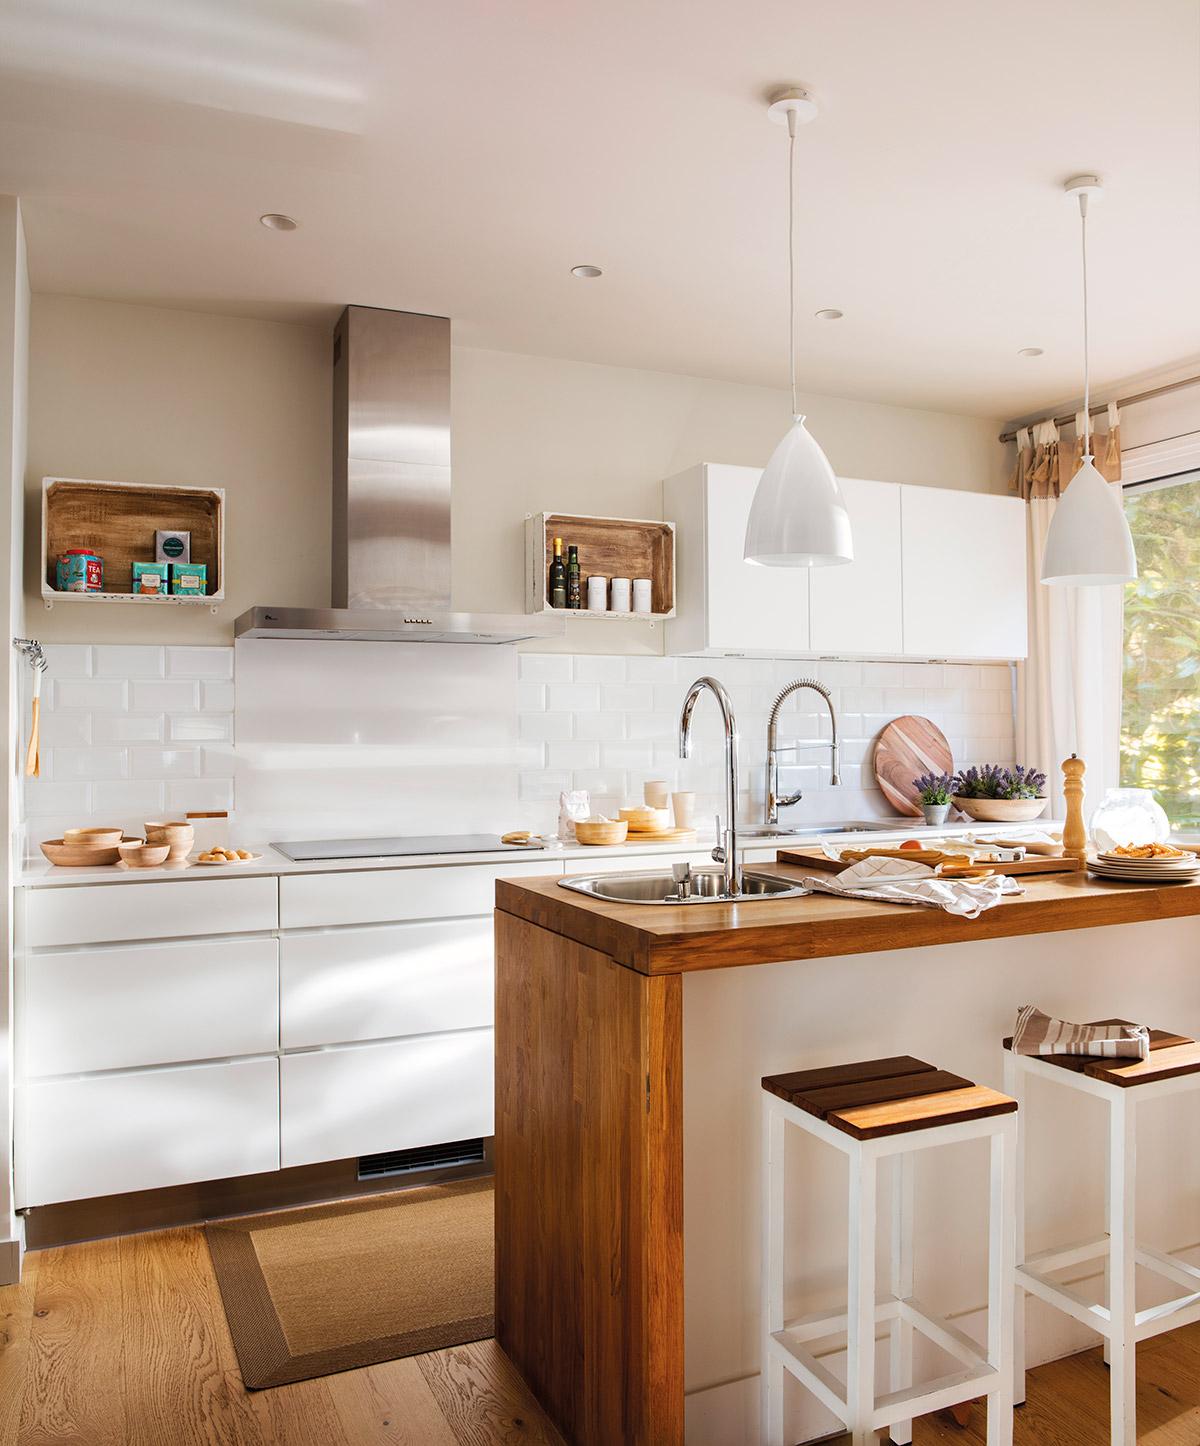 Dise o de una cocina con barra de desayuno for Disenos de muebles de cocina colgantes